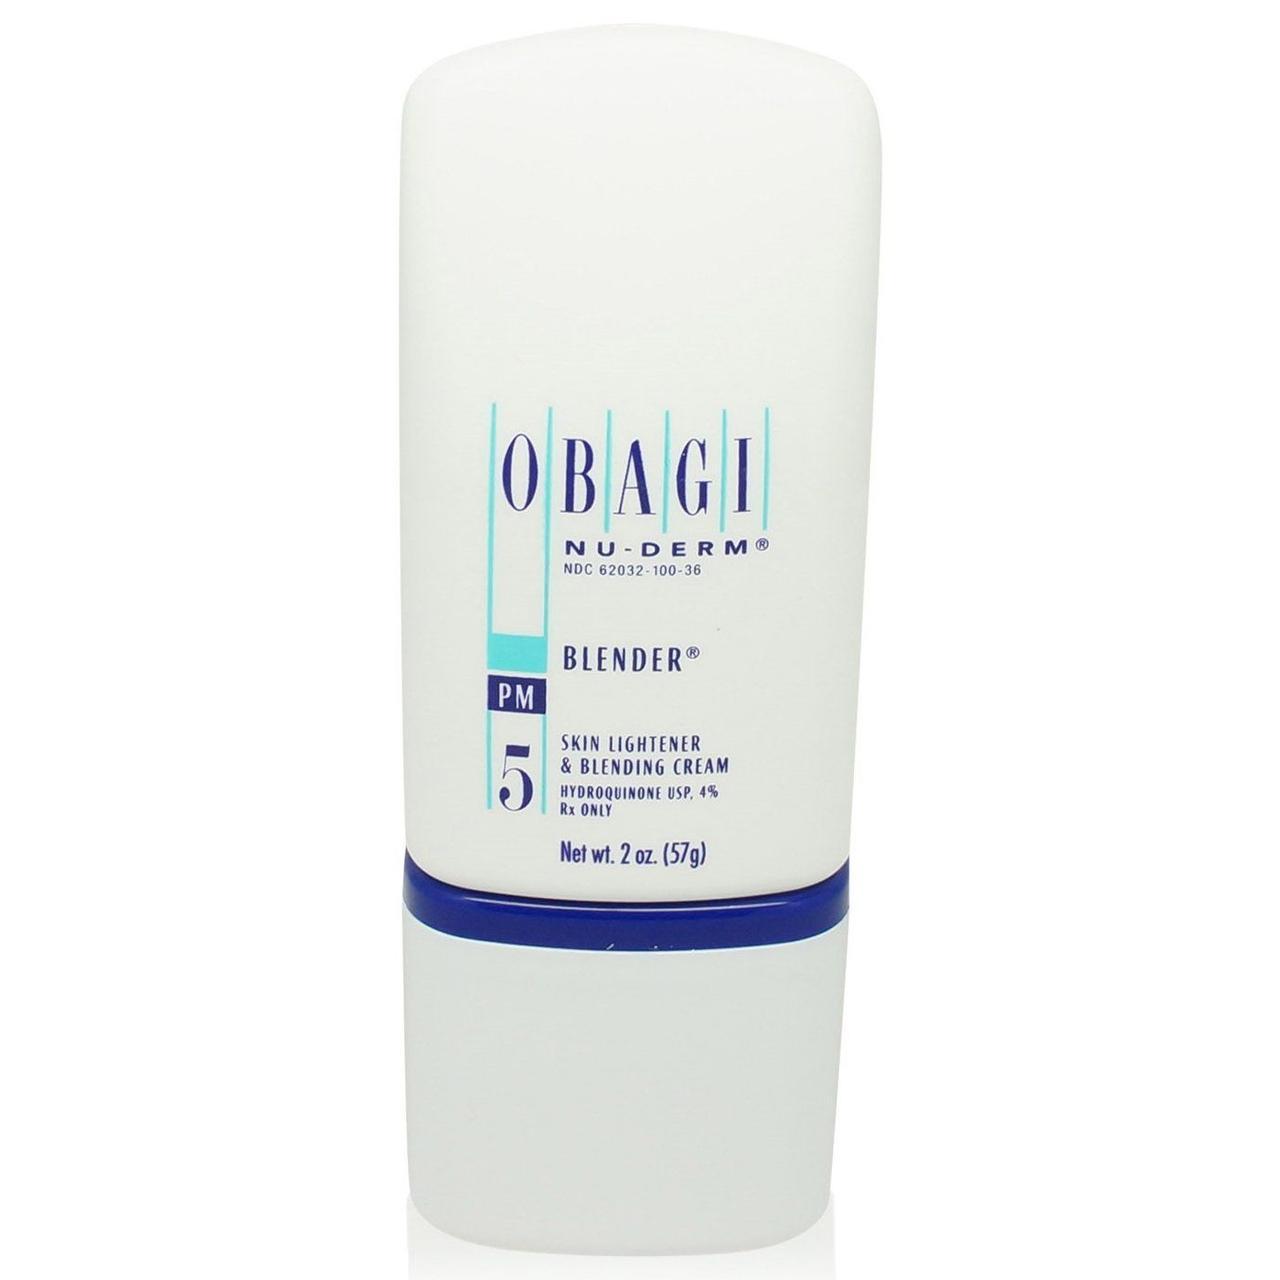 Obagi Nu-Derm Blender RX Крем с содержанием 4% Гидрохинона 57 гр